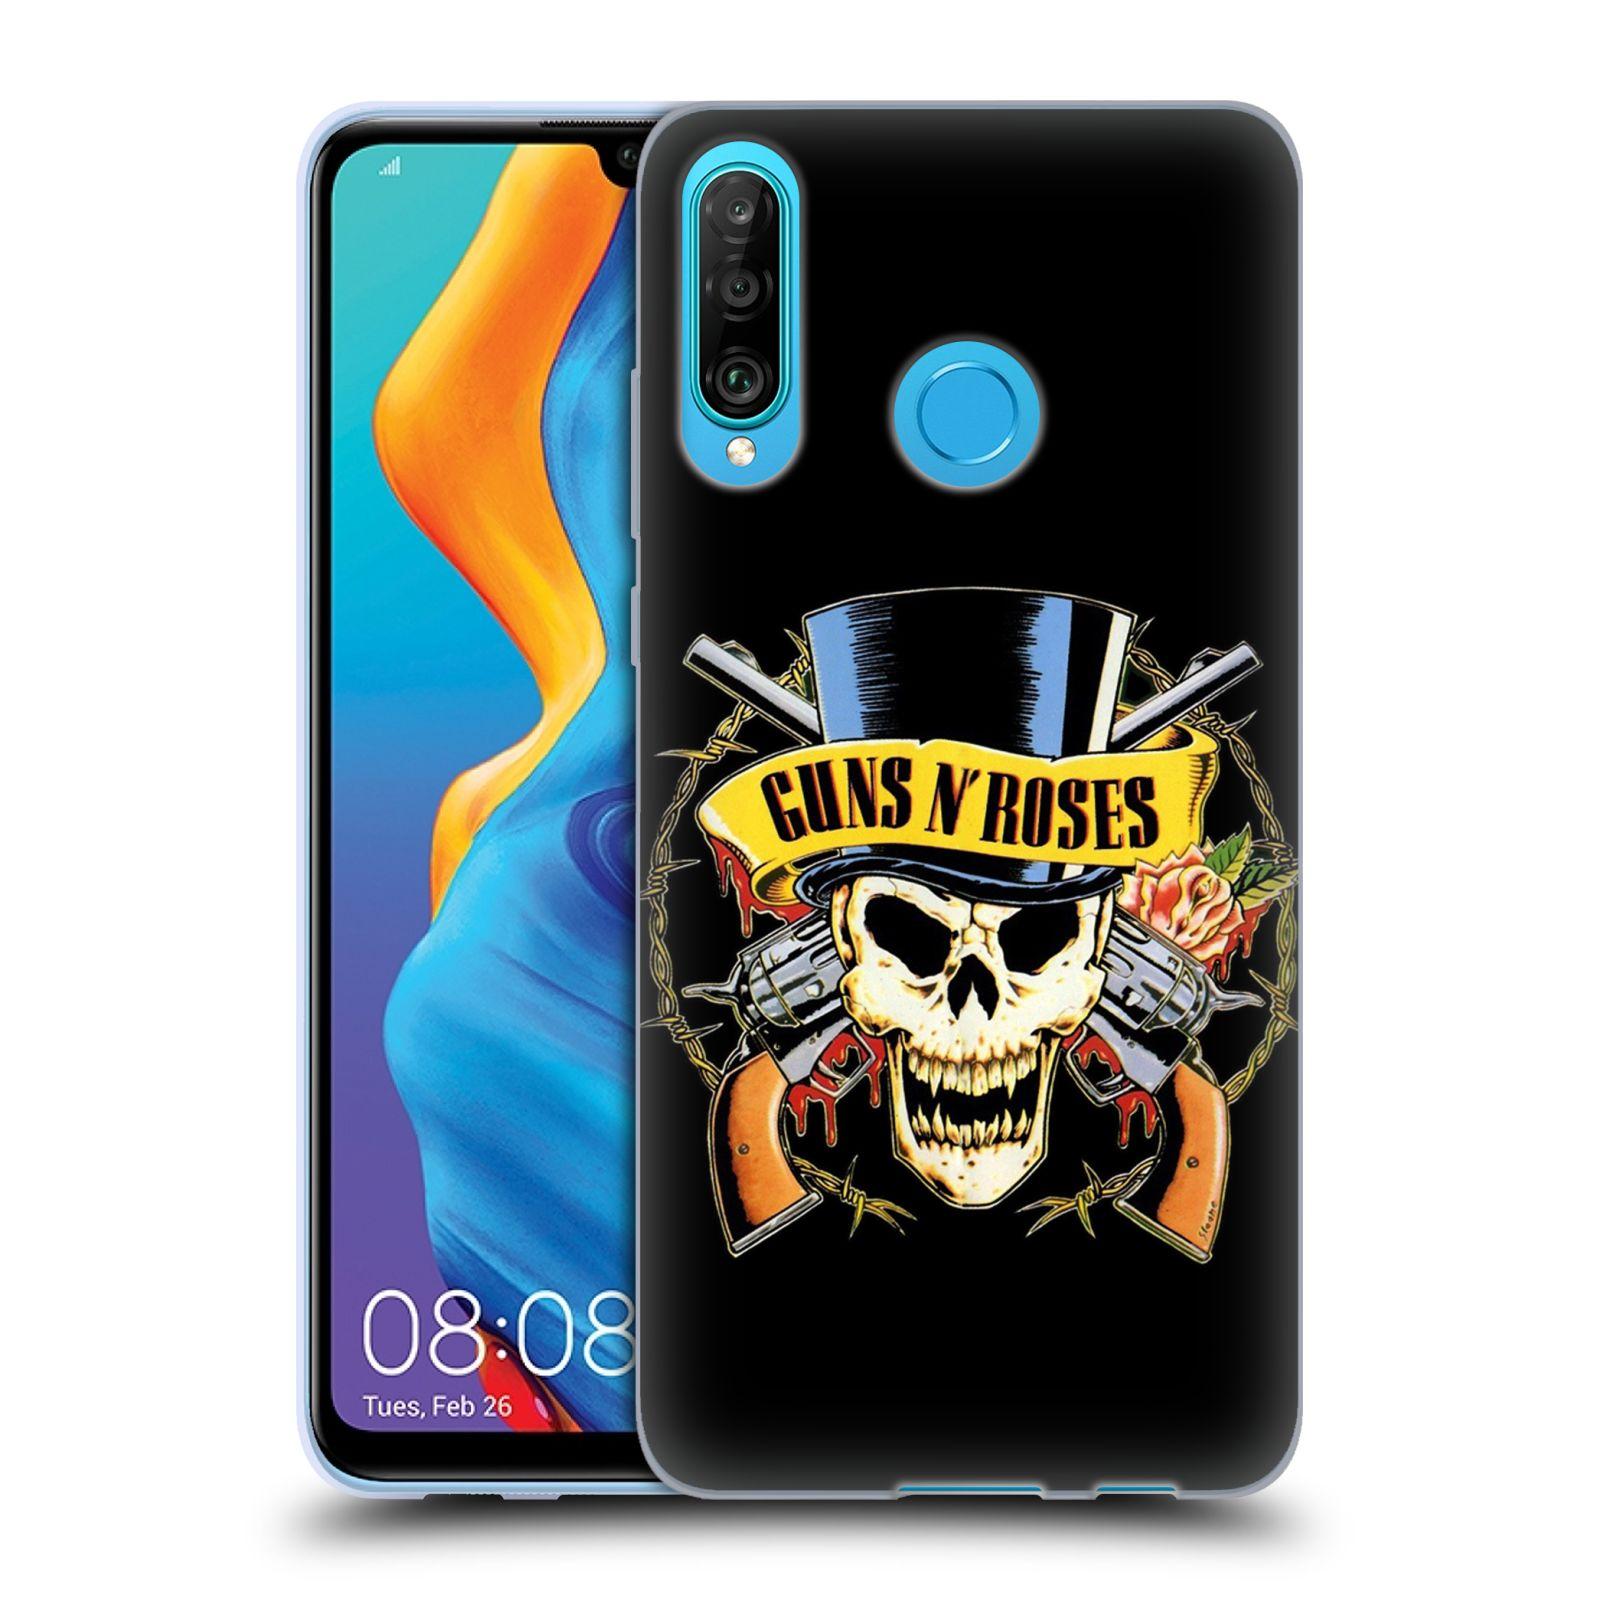 Silikonové pouzdro na mobil Huawei P30 Lite - Head Case - Guns N' Roses - Lebka